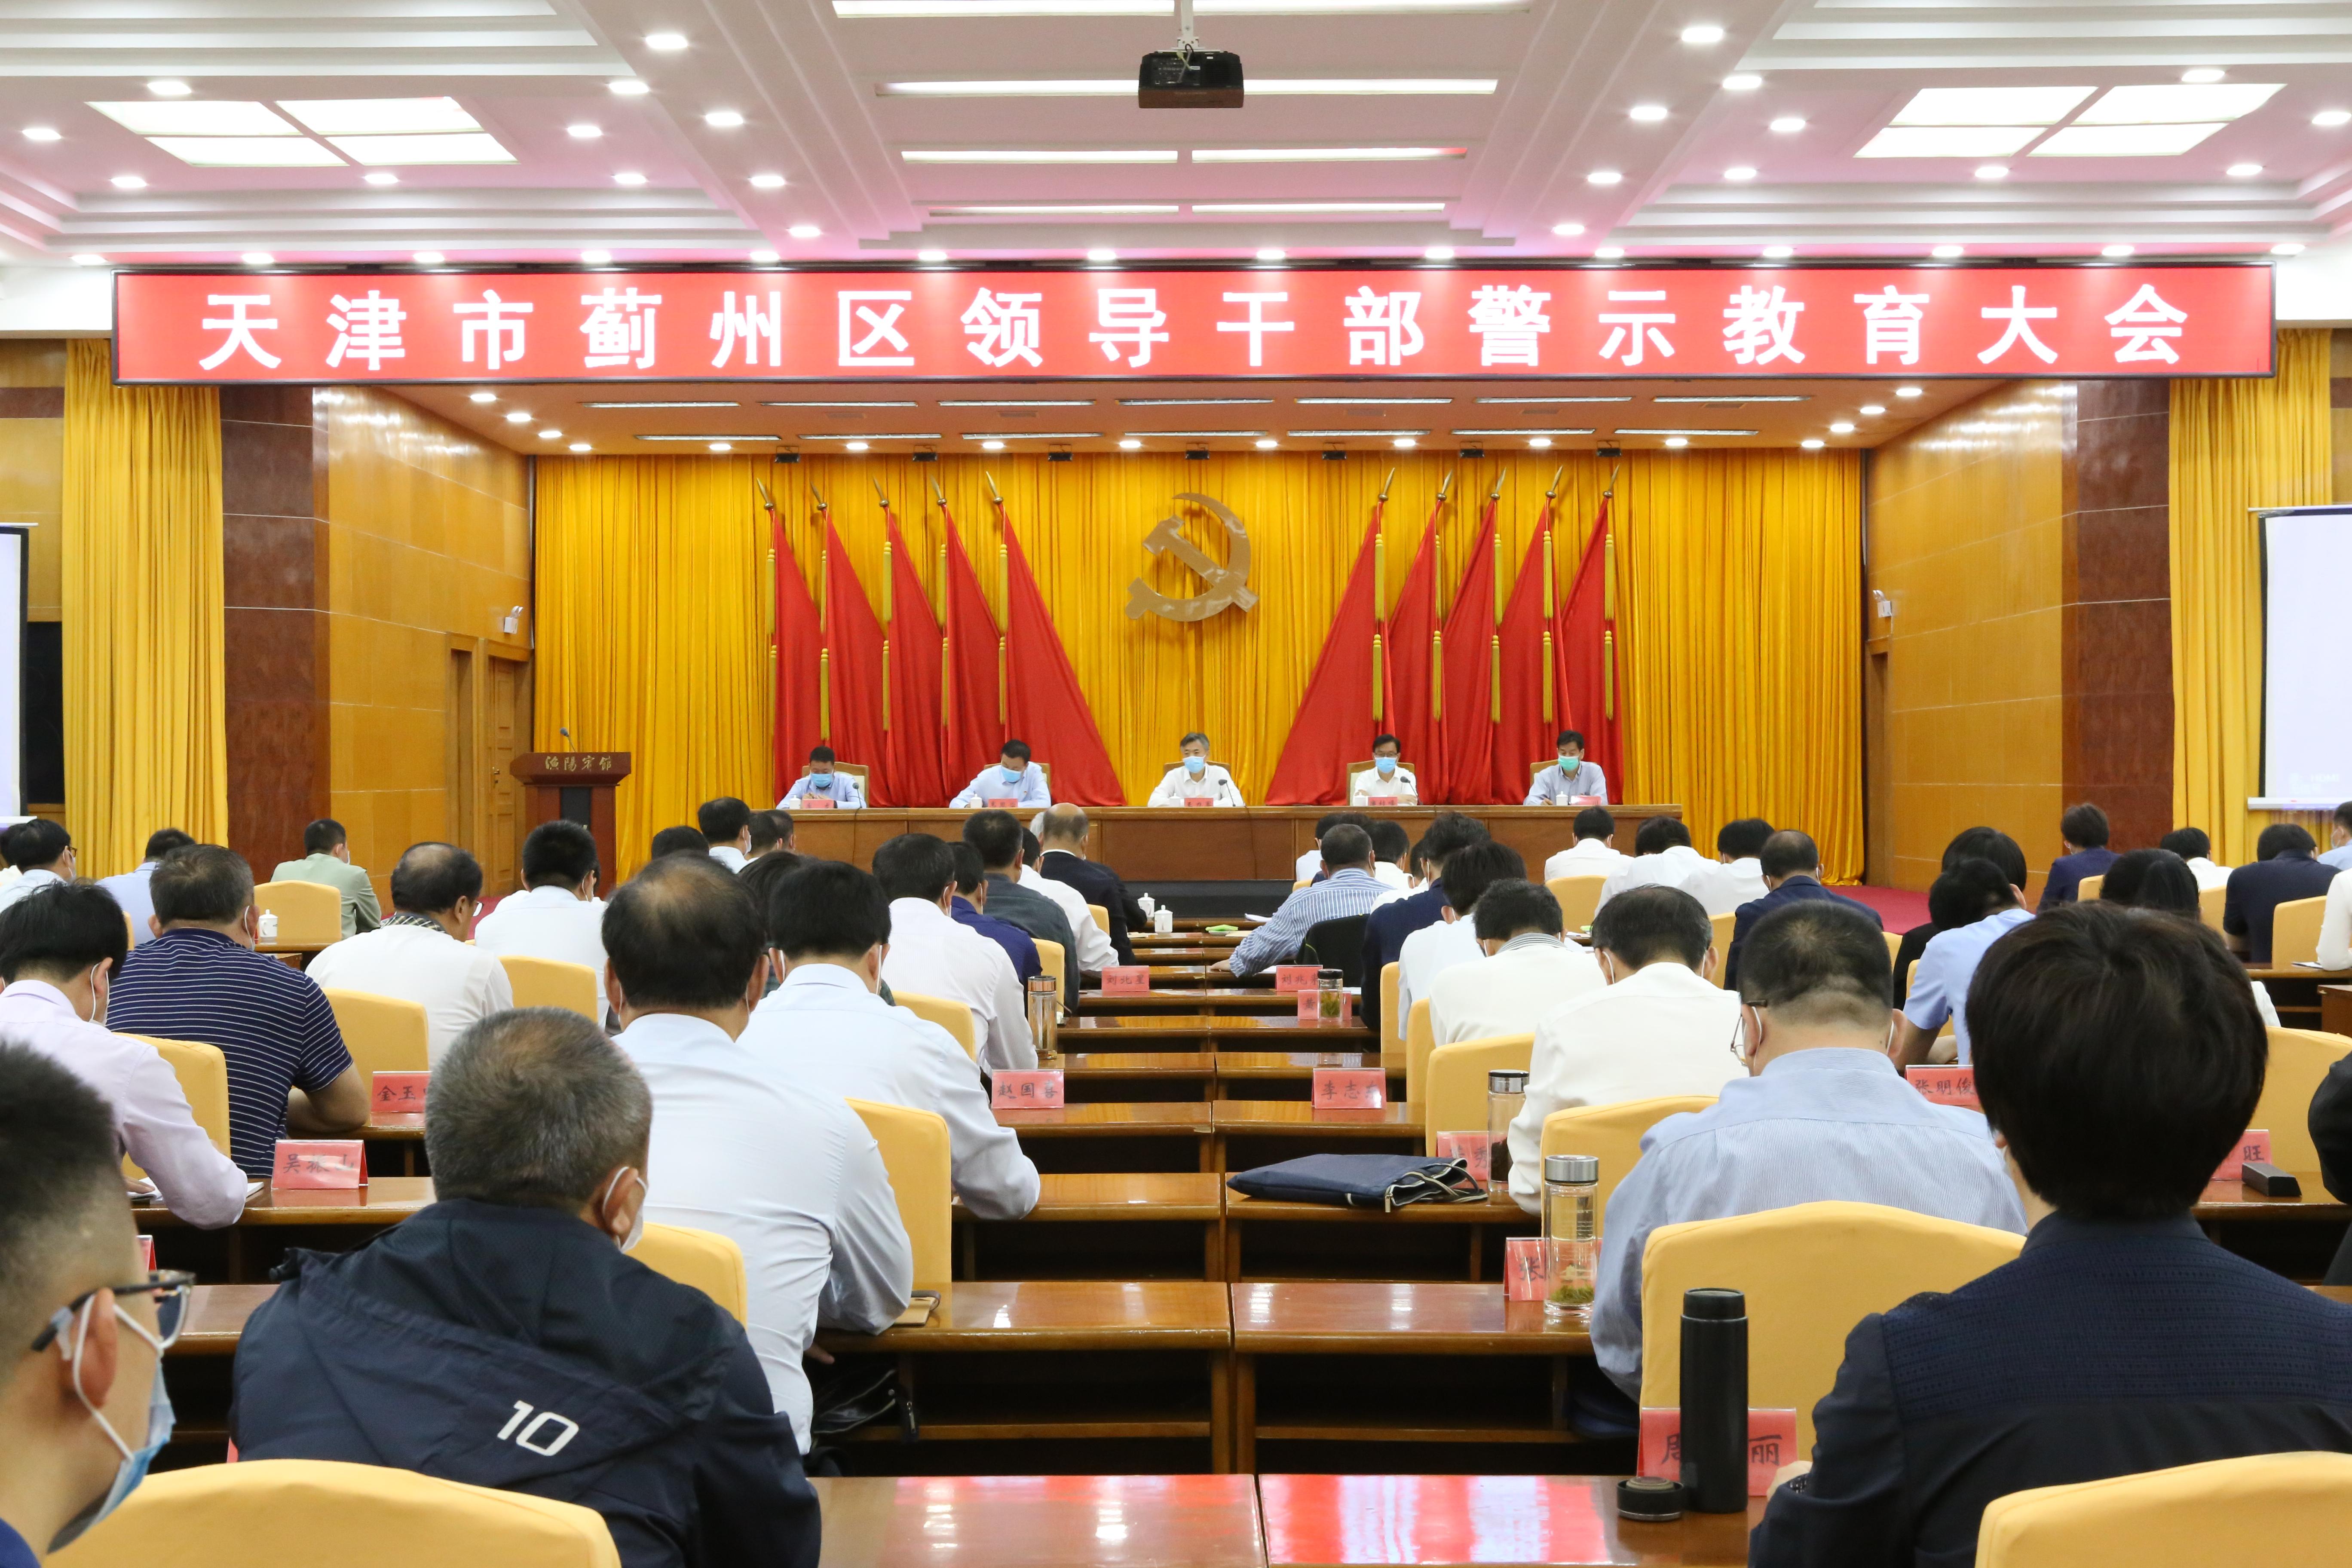 蓟州区召开领导干部警示教育大会